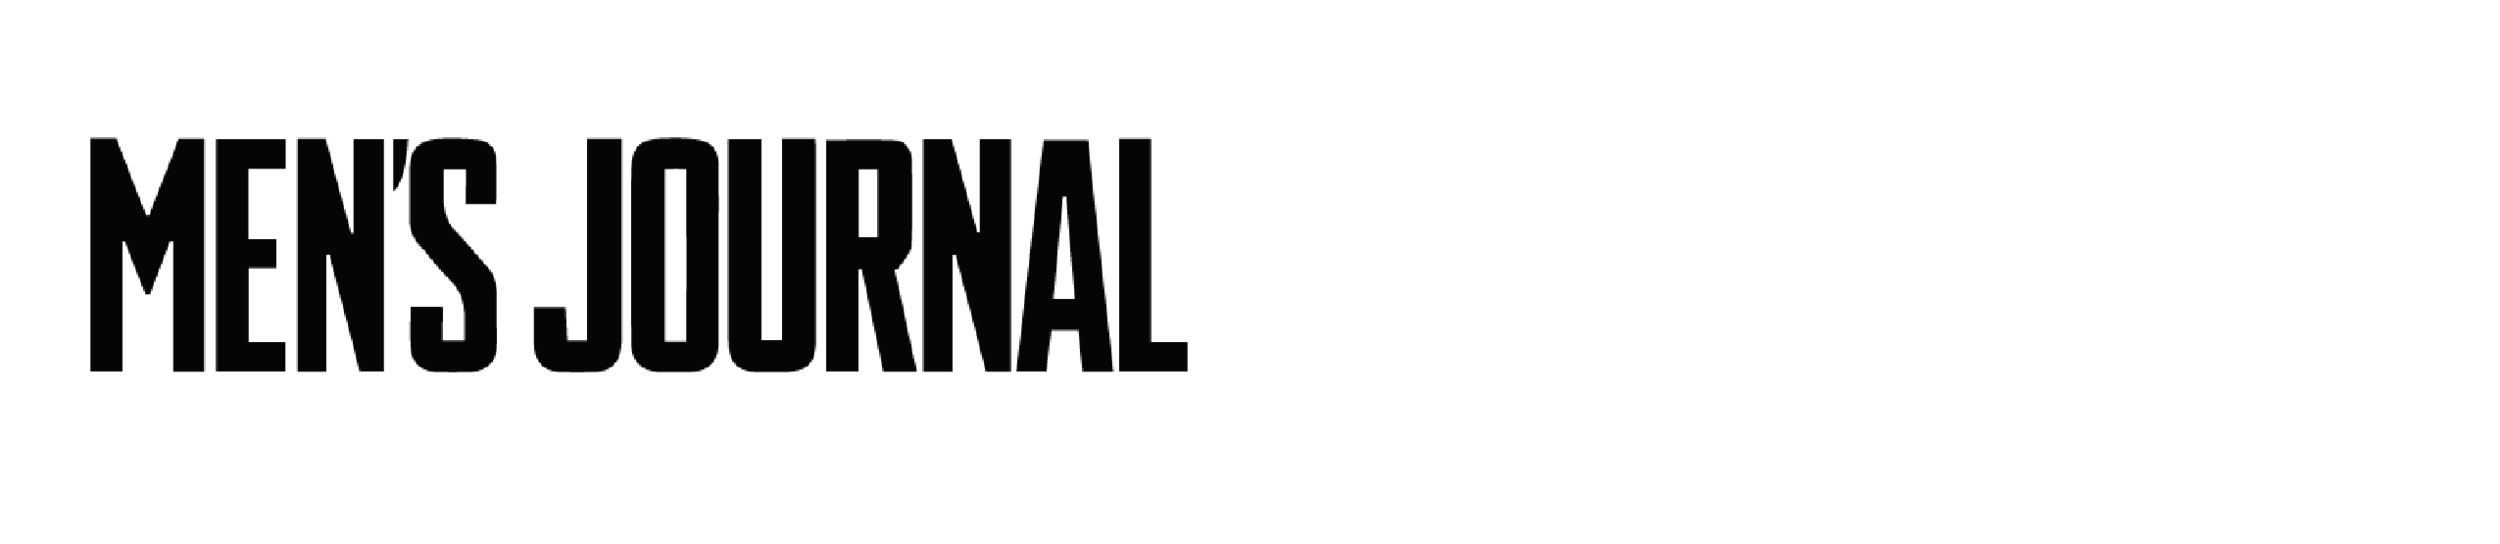 Logos_Magazines-02.png